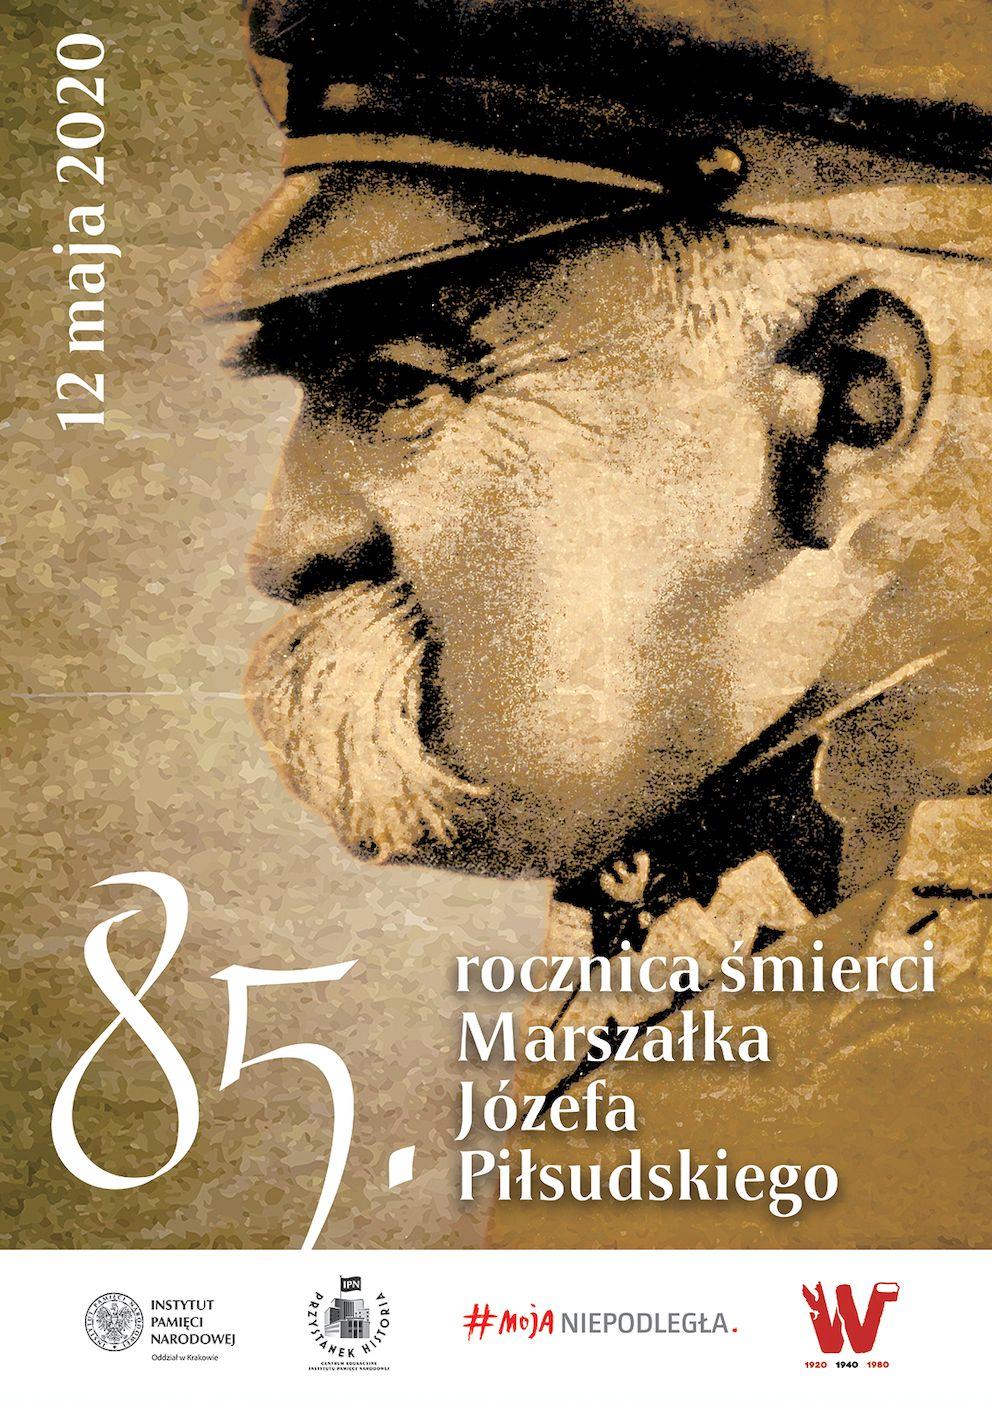 Galeria plakatu IPN w Krakowie